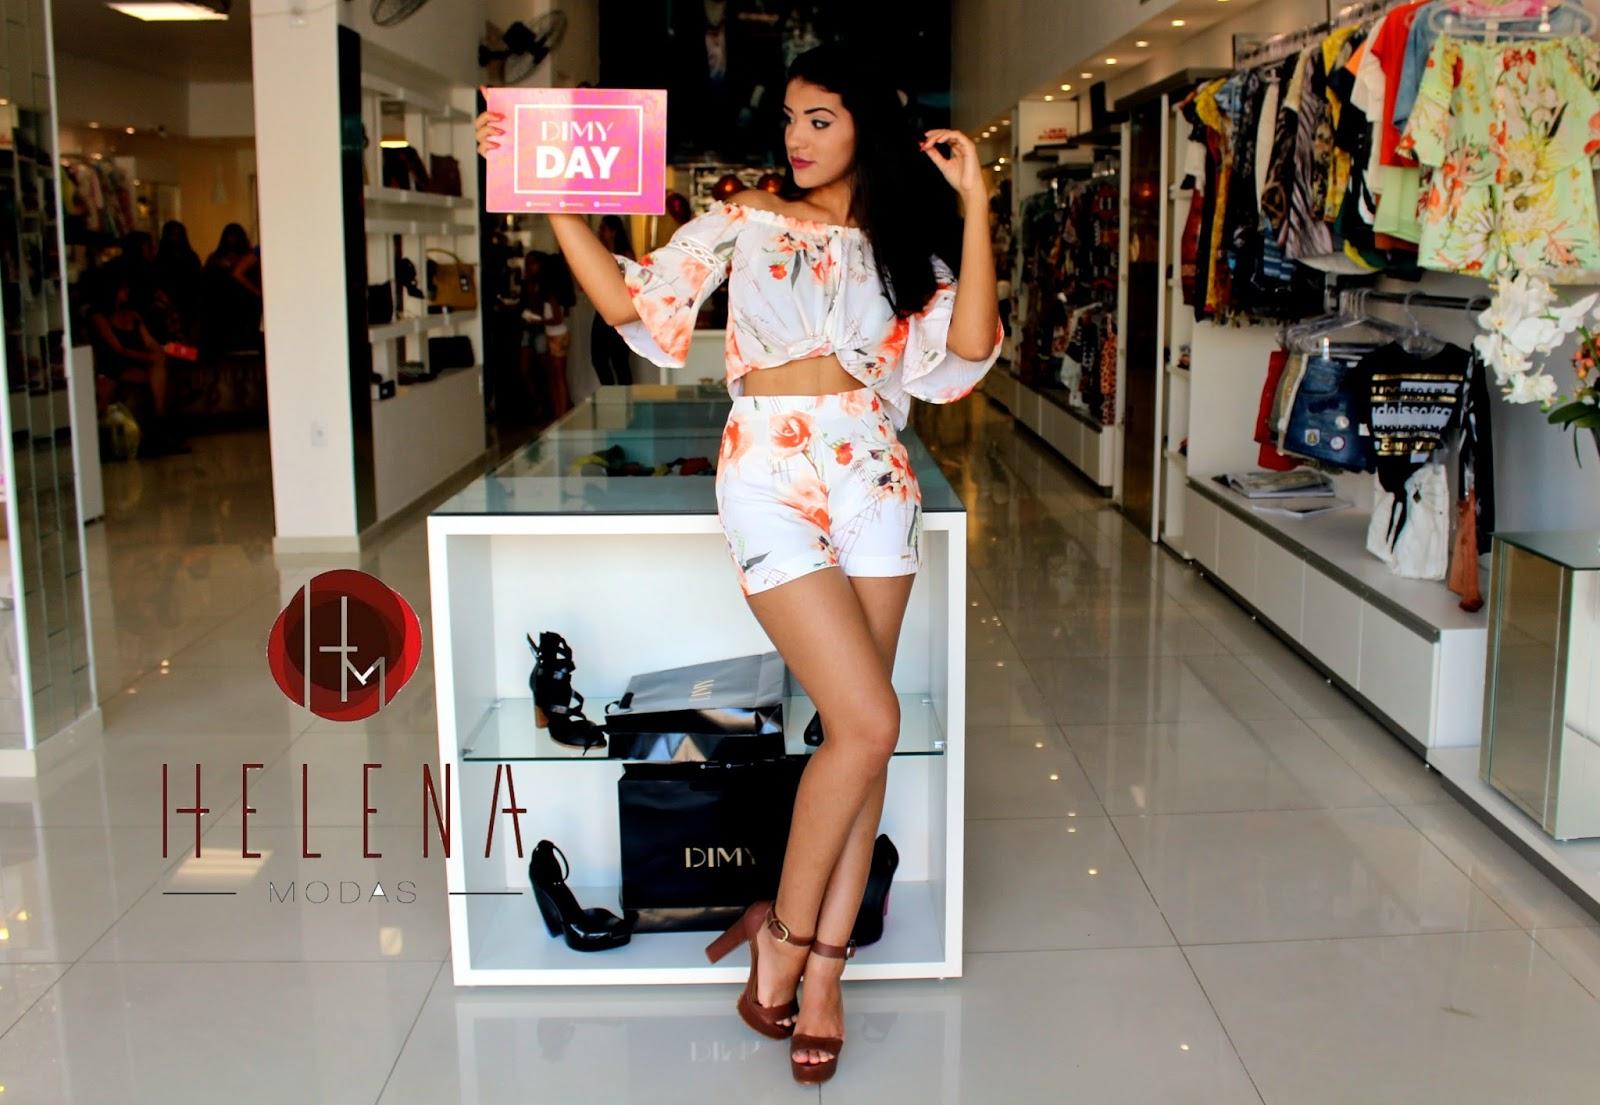 652a8fcb8 A cada trimestre, a empresária da moda Helena Martins convida seus clientes  para assistir ao desfile de alguma marca famosa da loja. Na tarde deste  sábado, ...